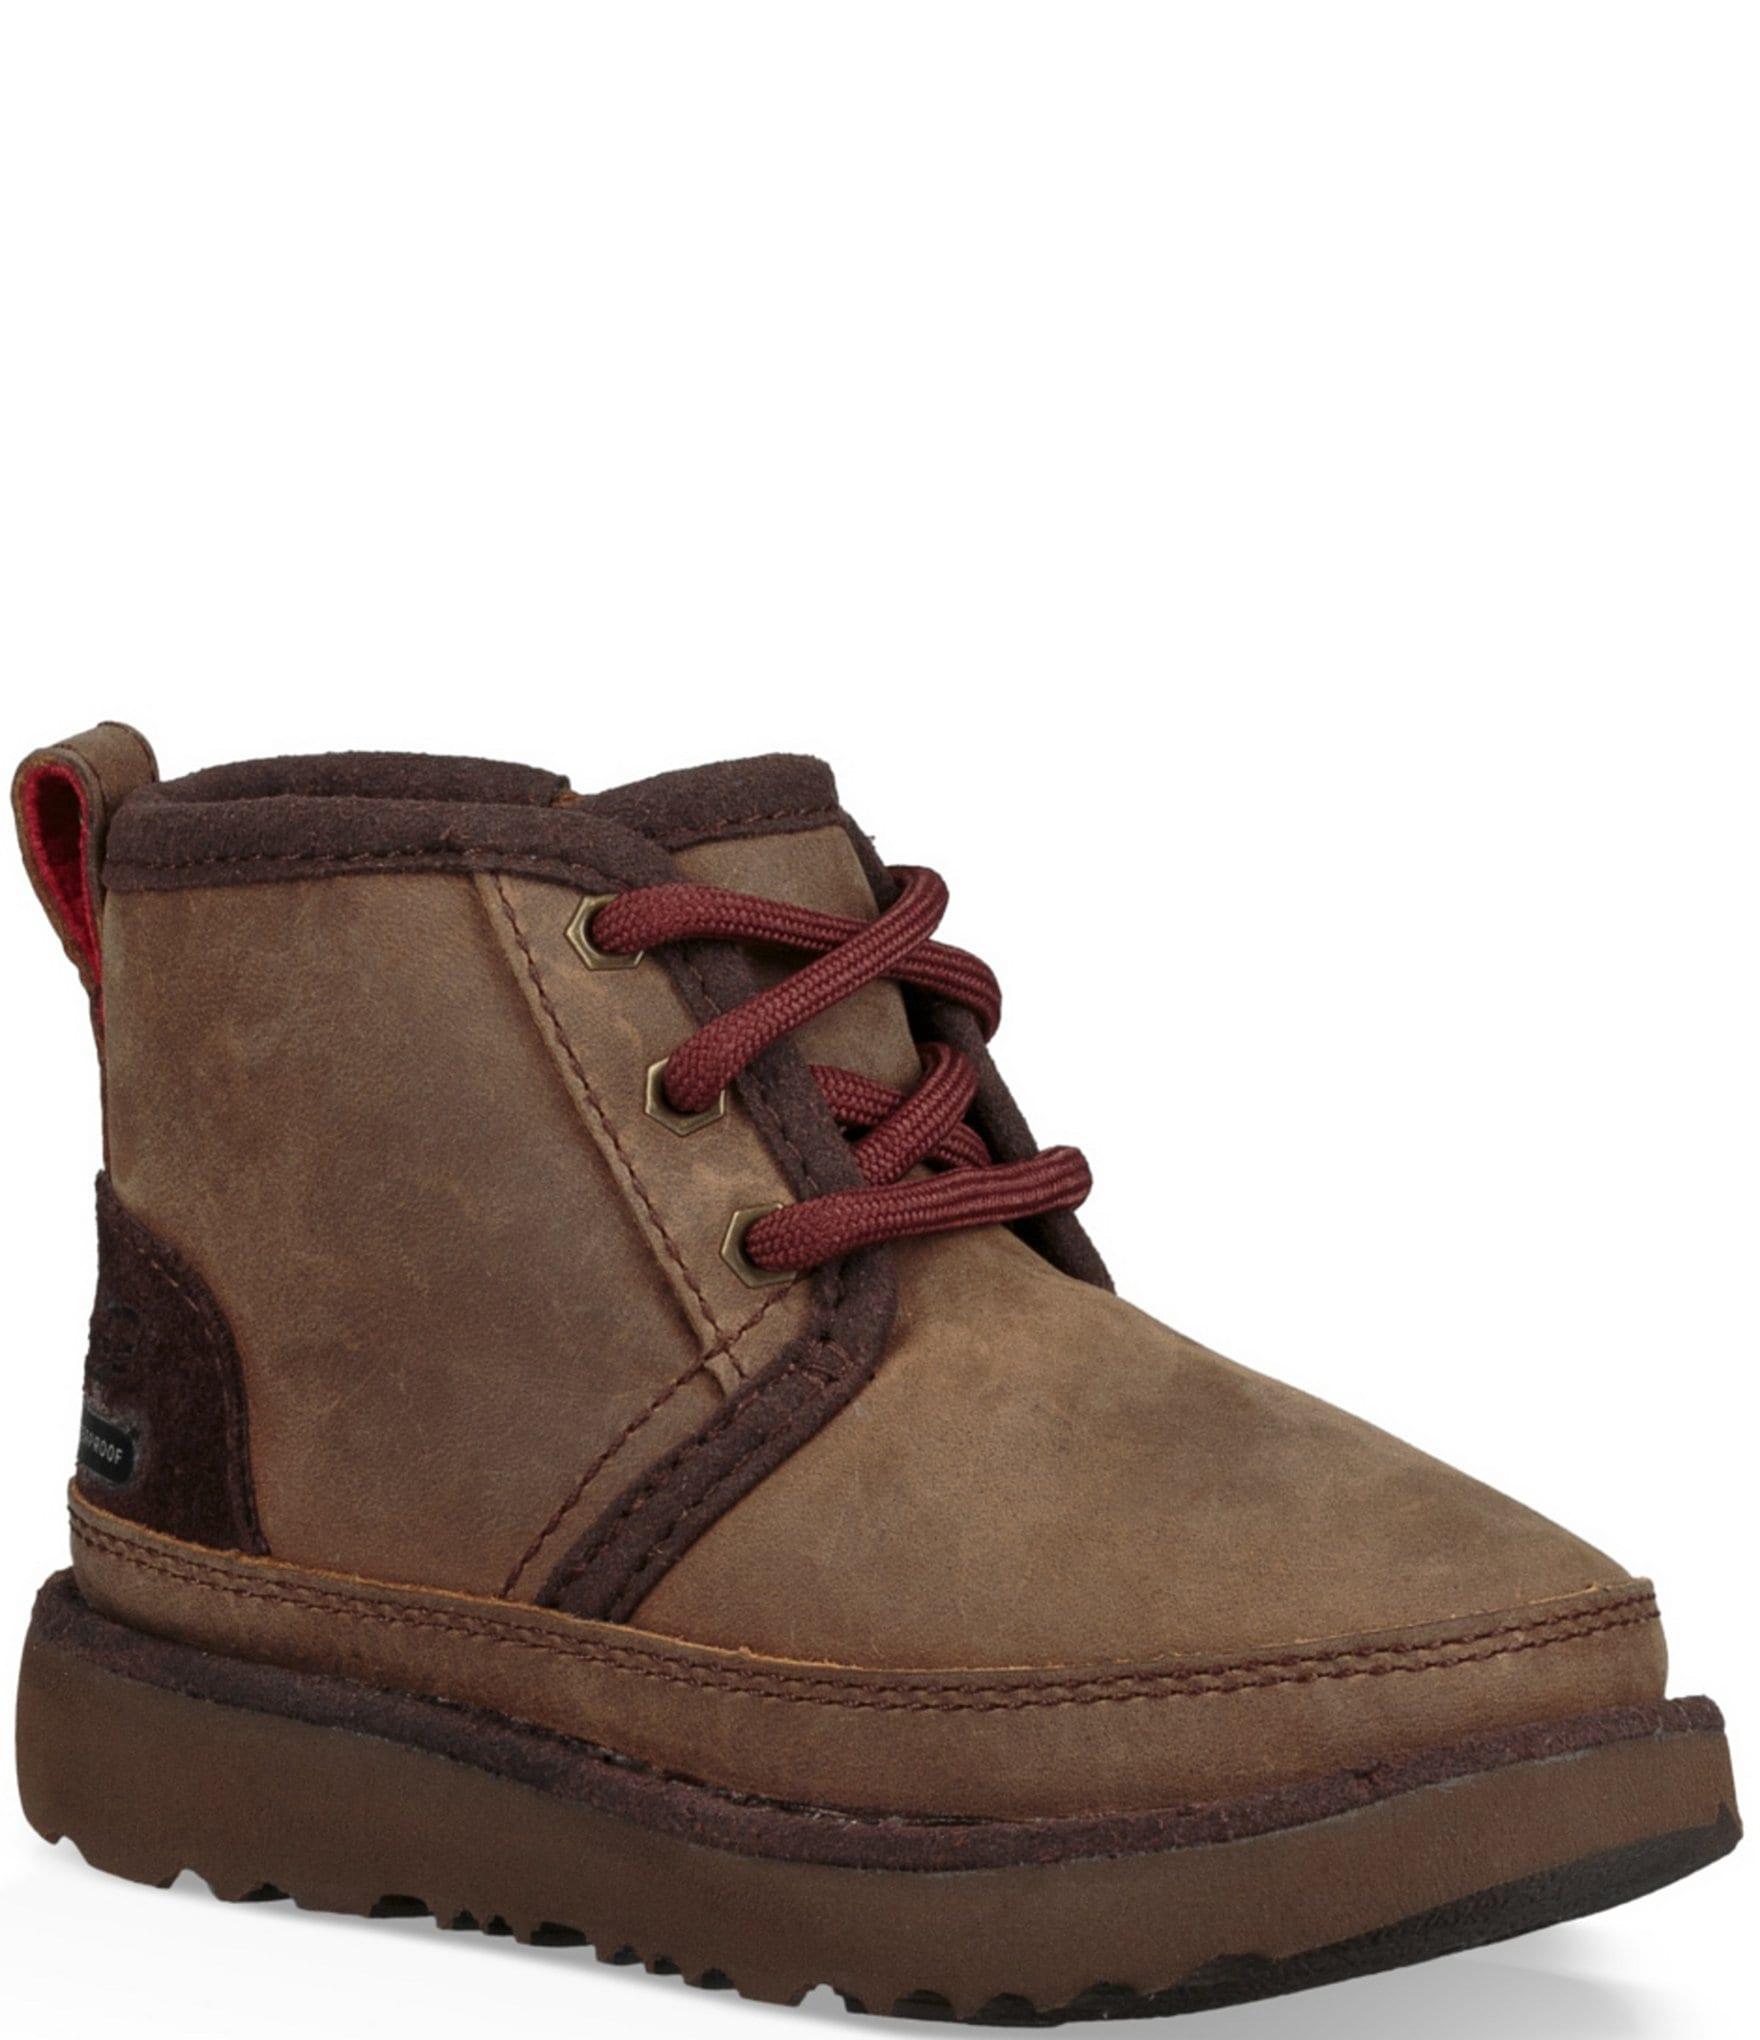 Boys' Neumel II Waterproof Suede Boots